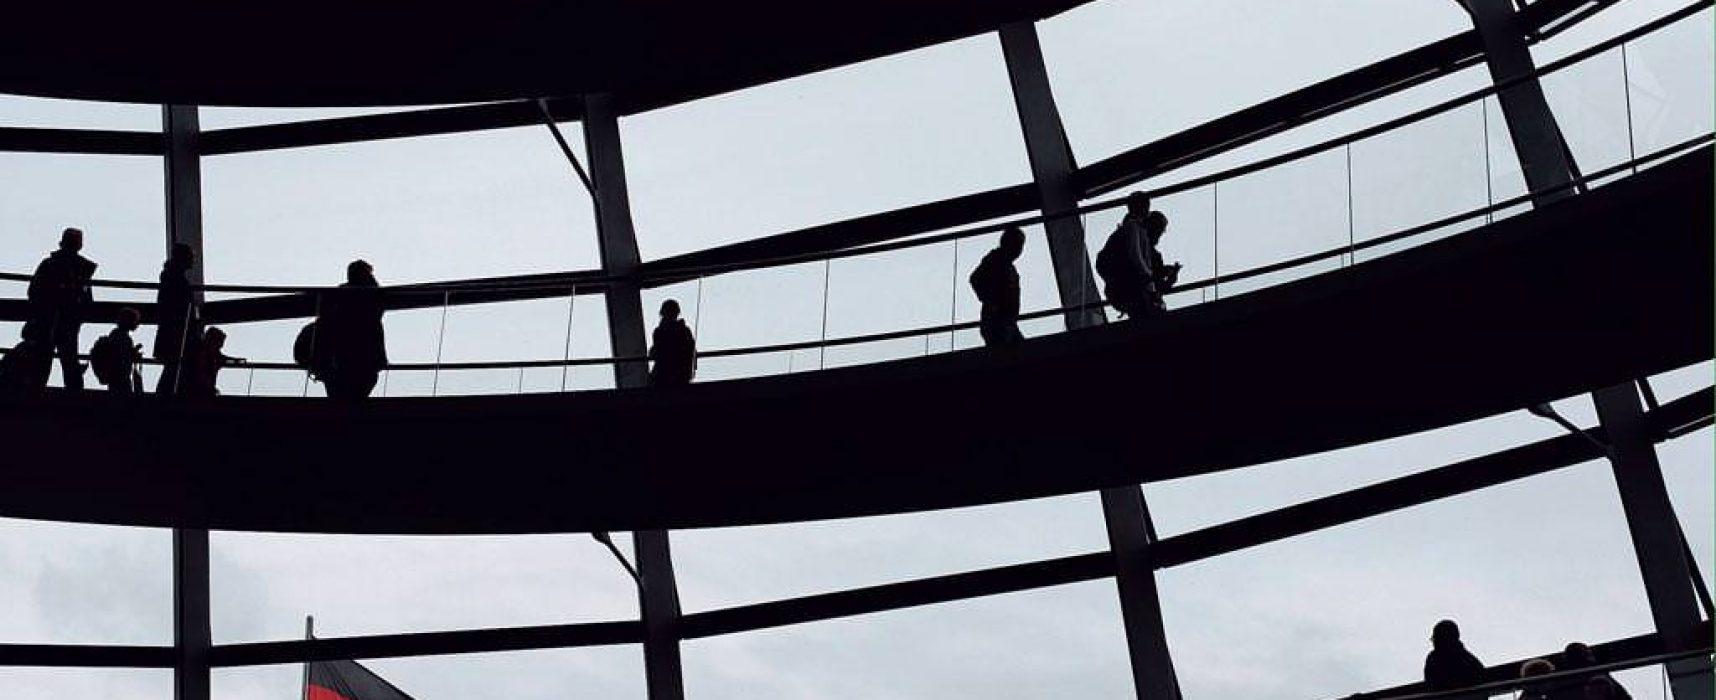 Russischer Sturm auf den Bundestag – Einflussversuche des Kreml vor der Wahl